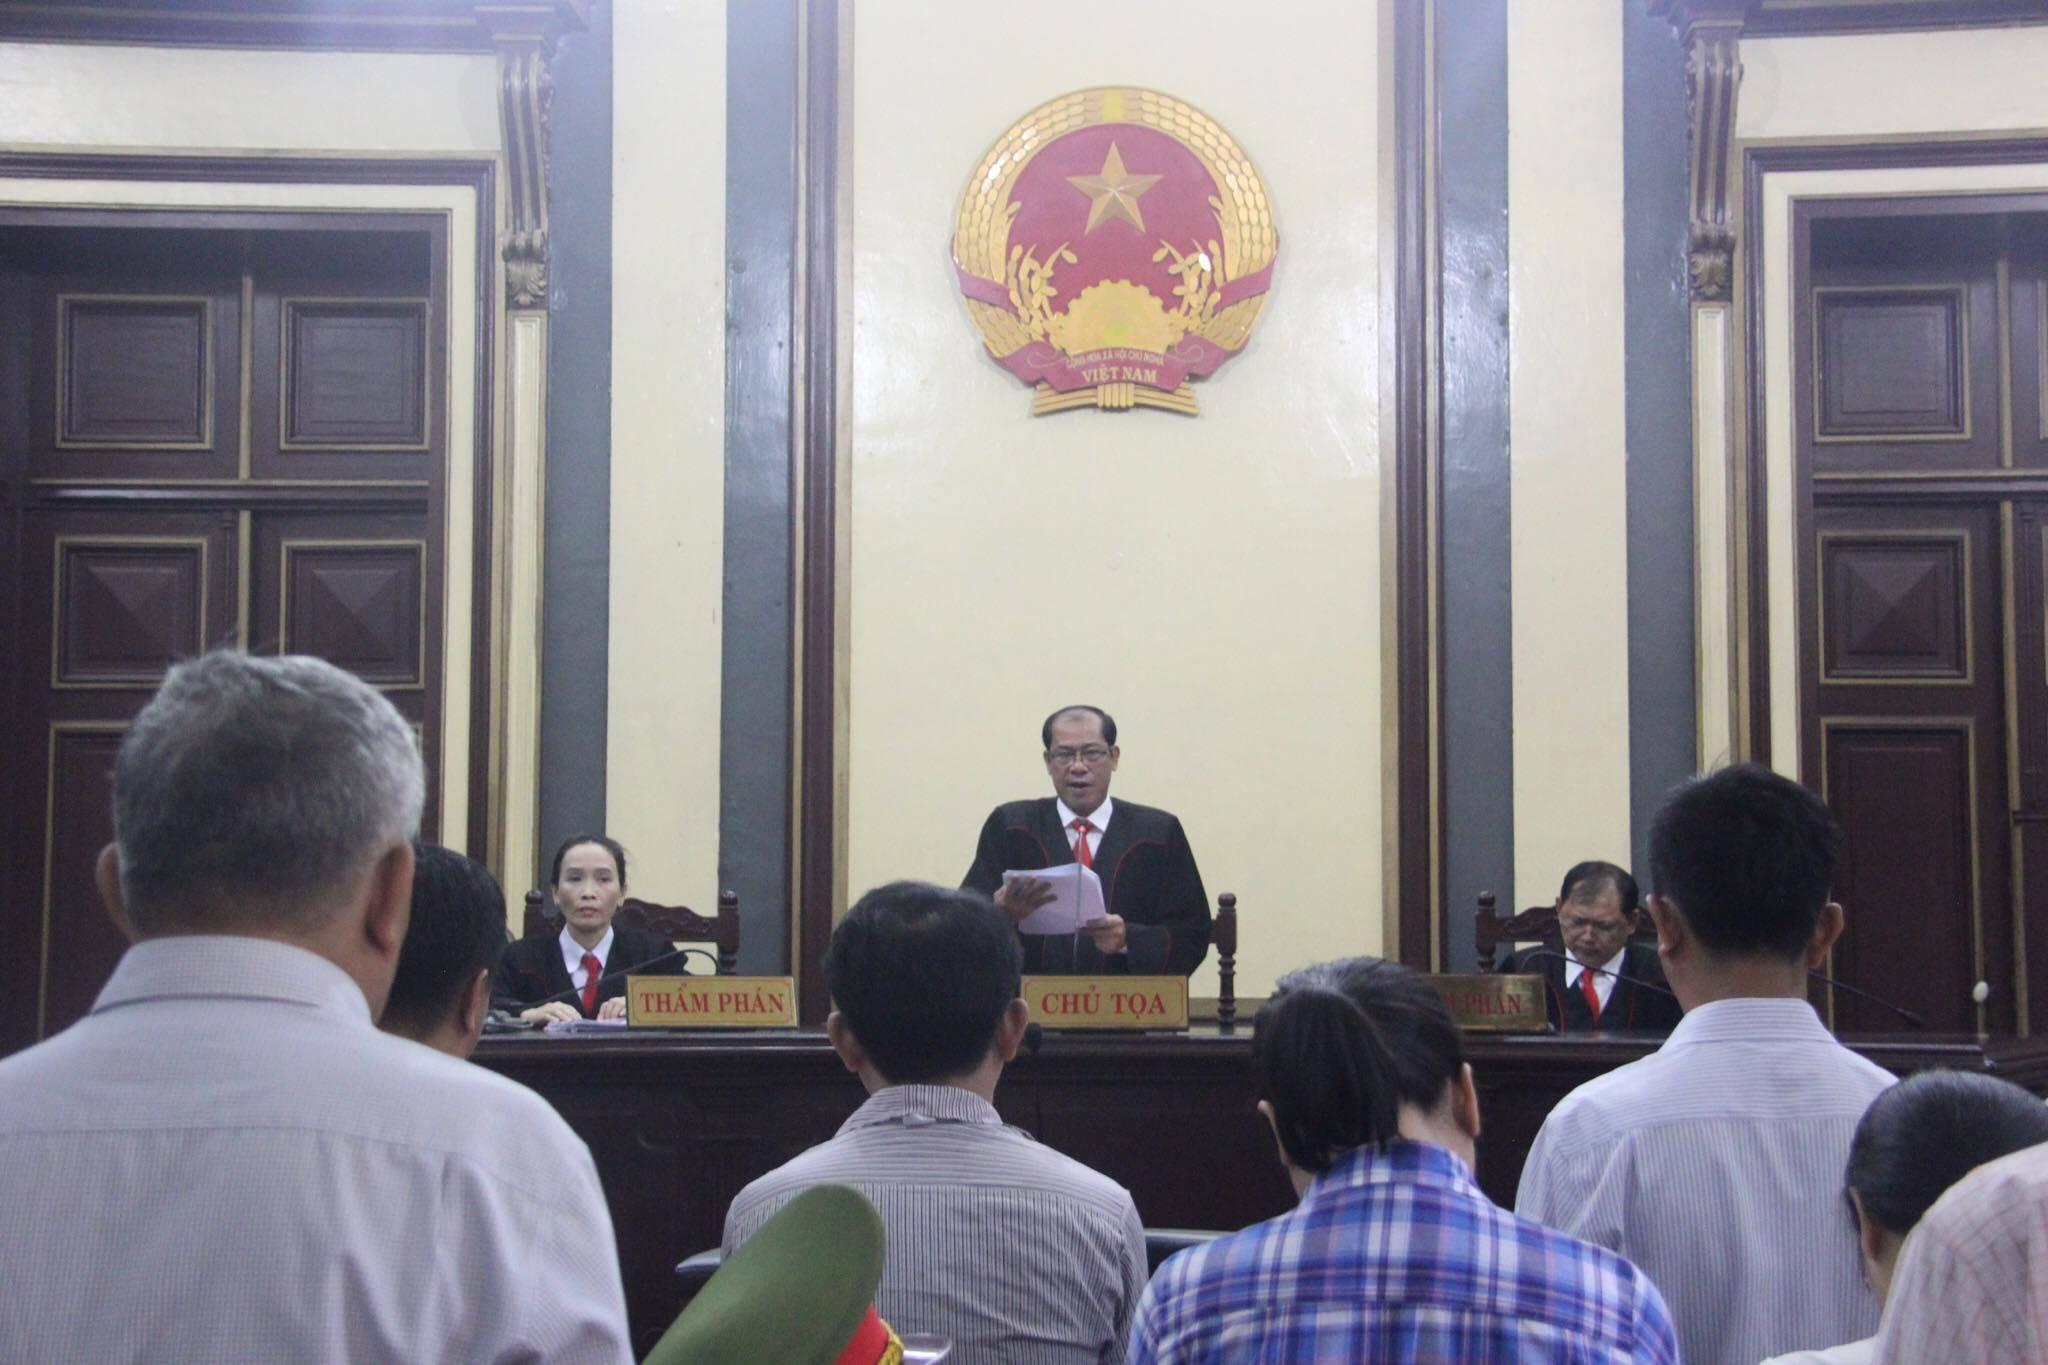 VN Pharma,thuốc ung thư giả,Bộ Y tế,Nguyễn Minh Hùng